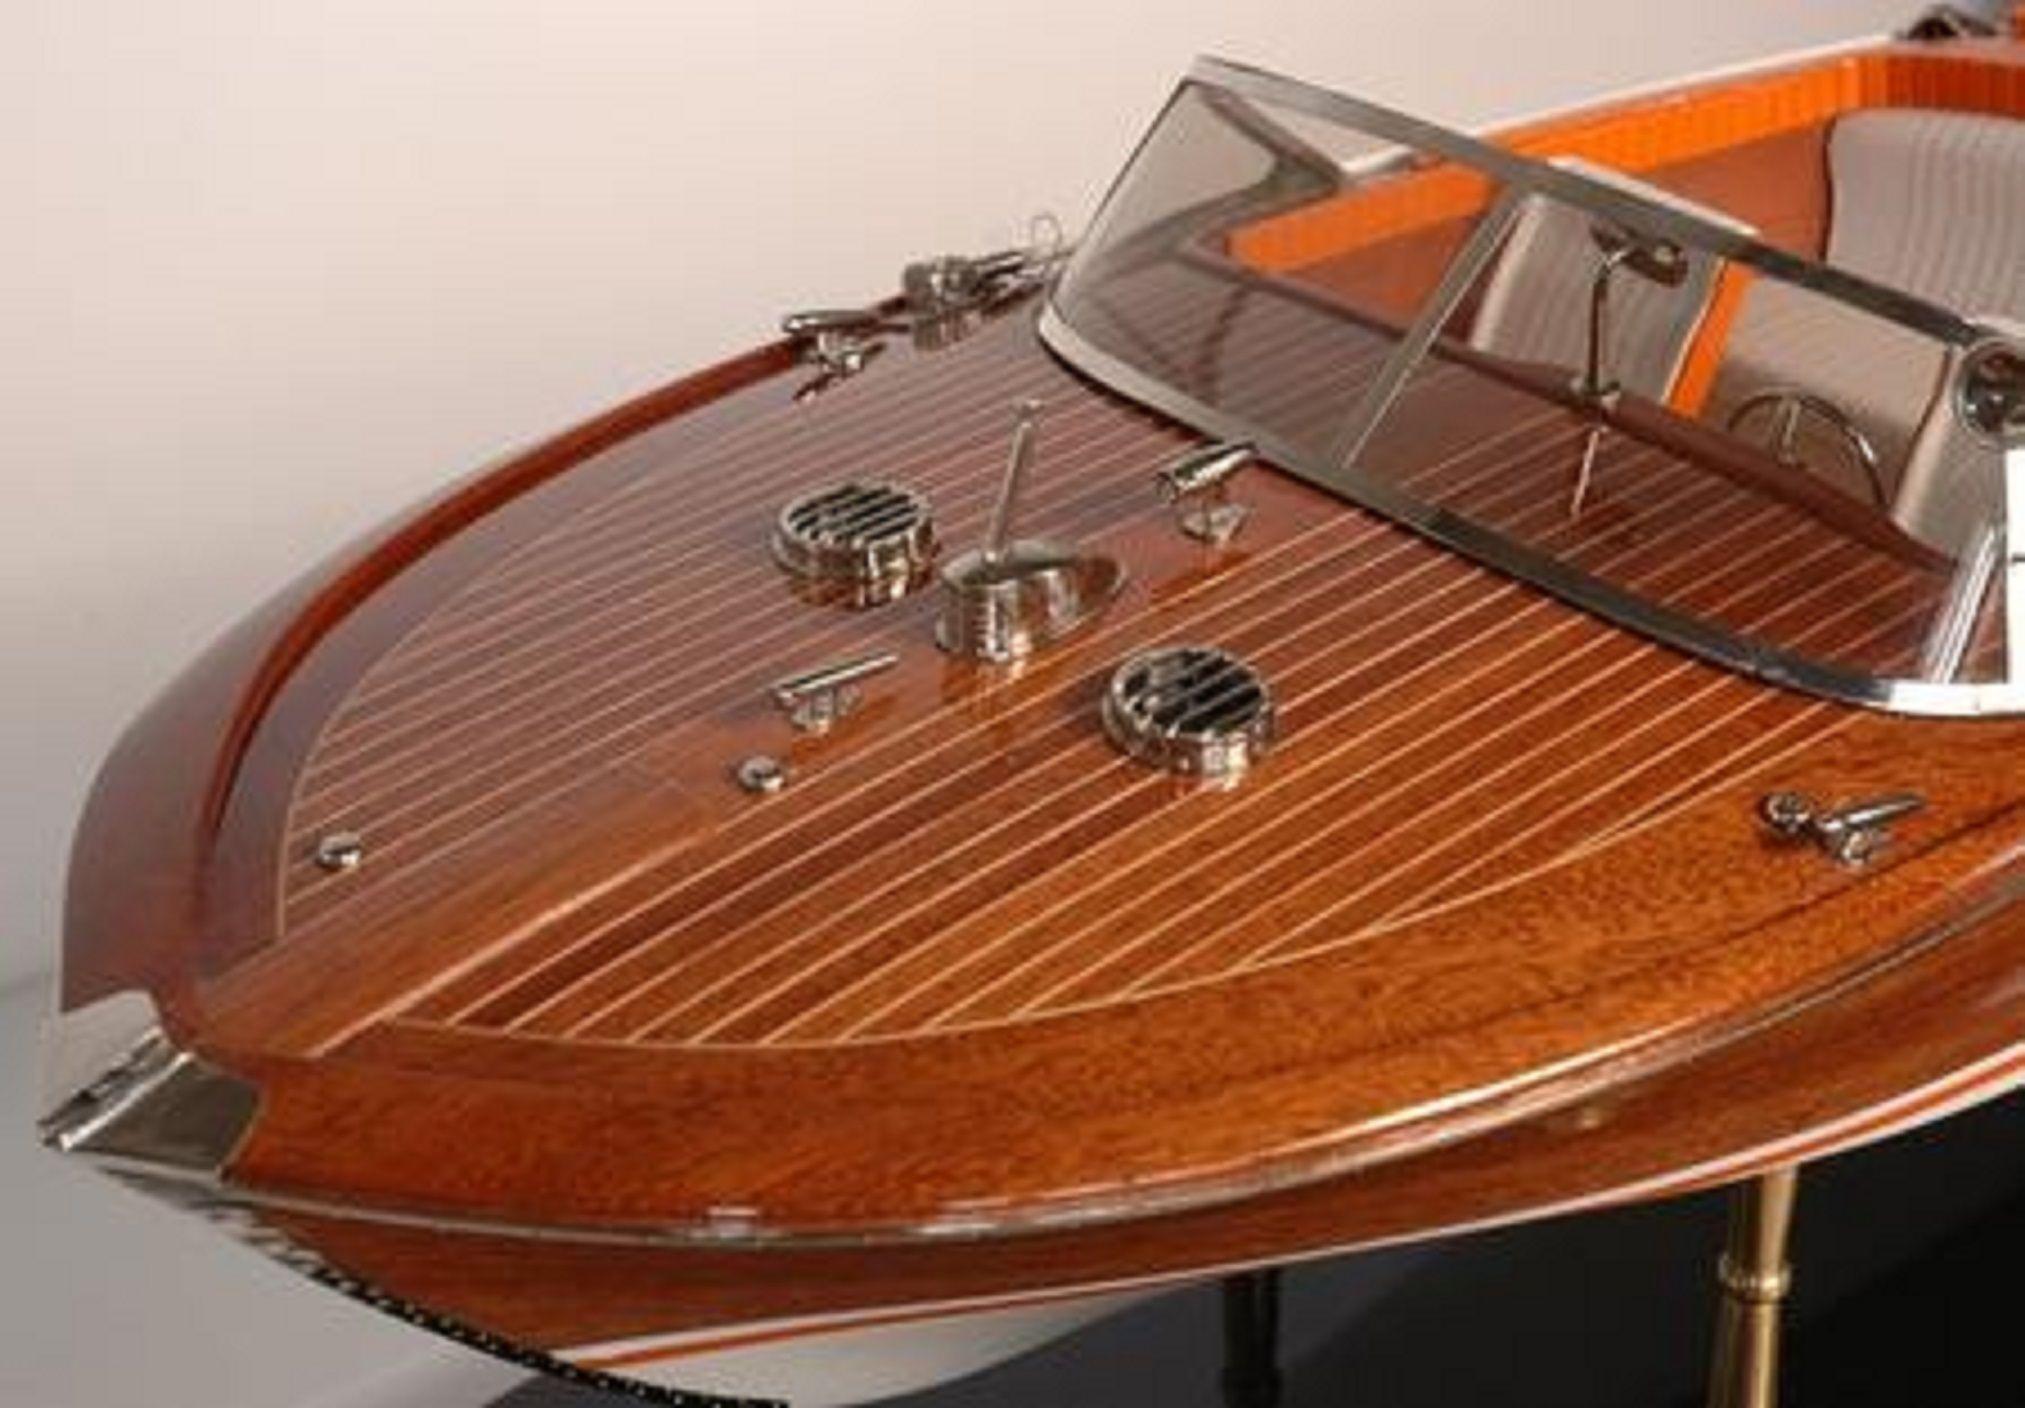 Riva Aquarama Special Model Boat  (Premier Range) - PSM